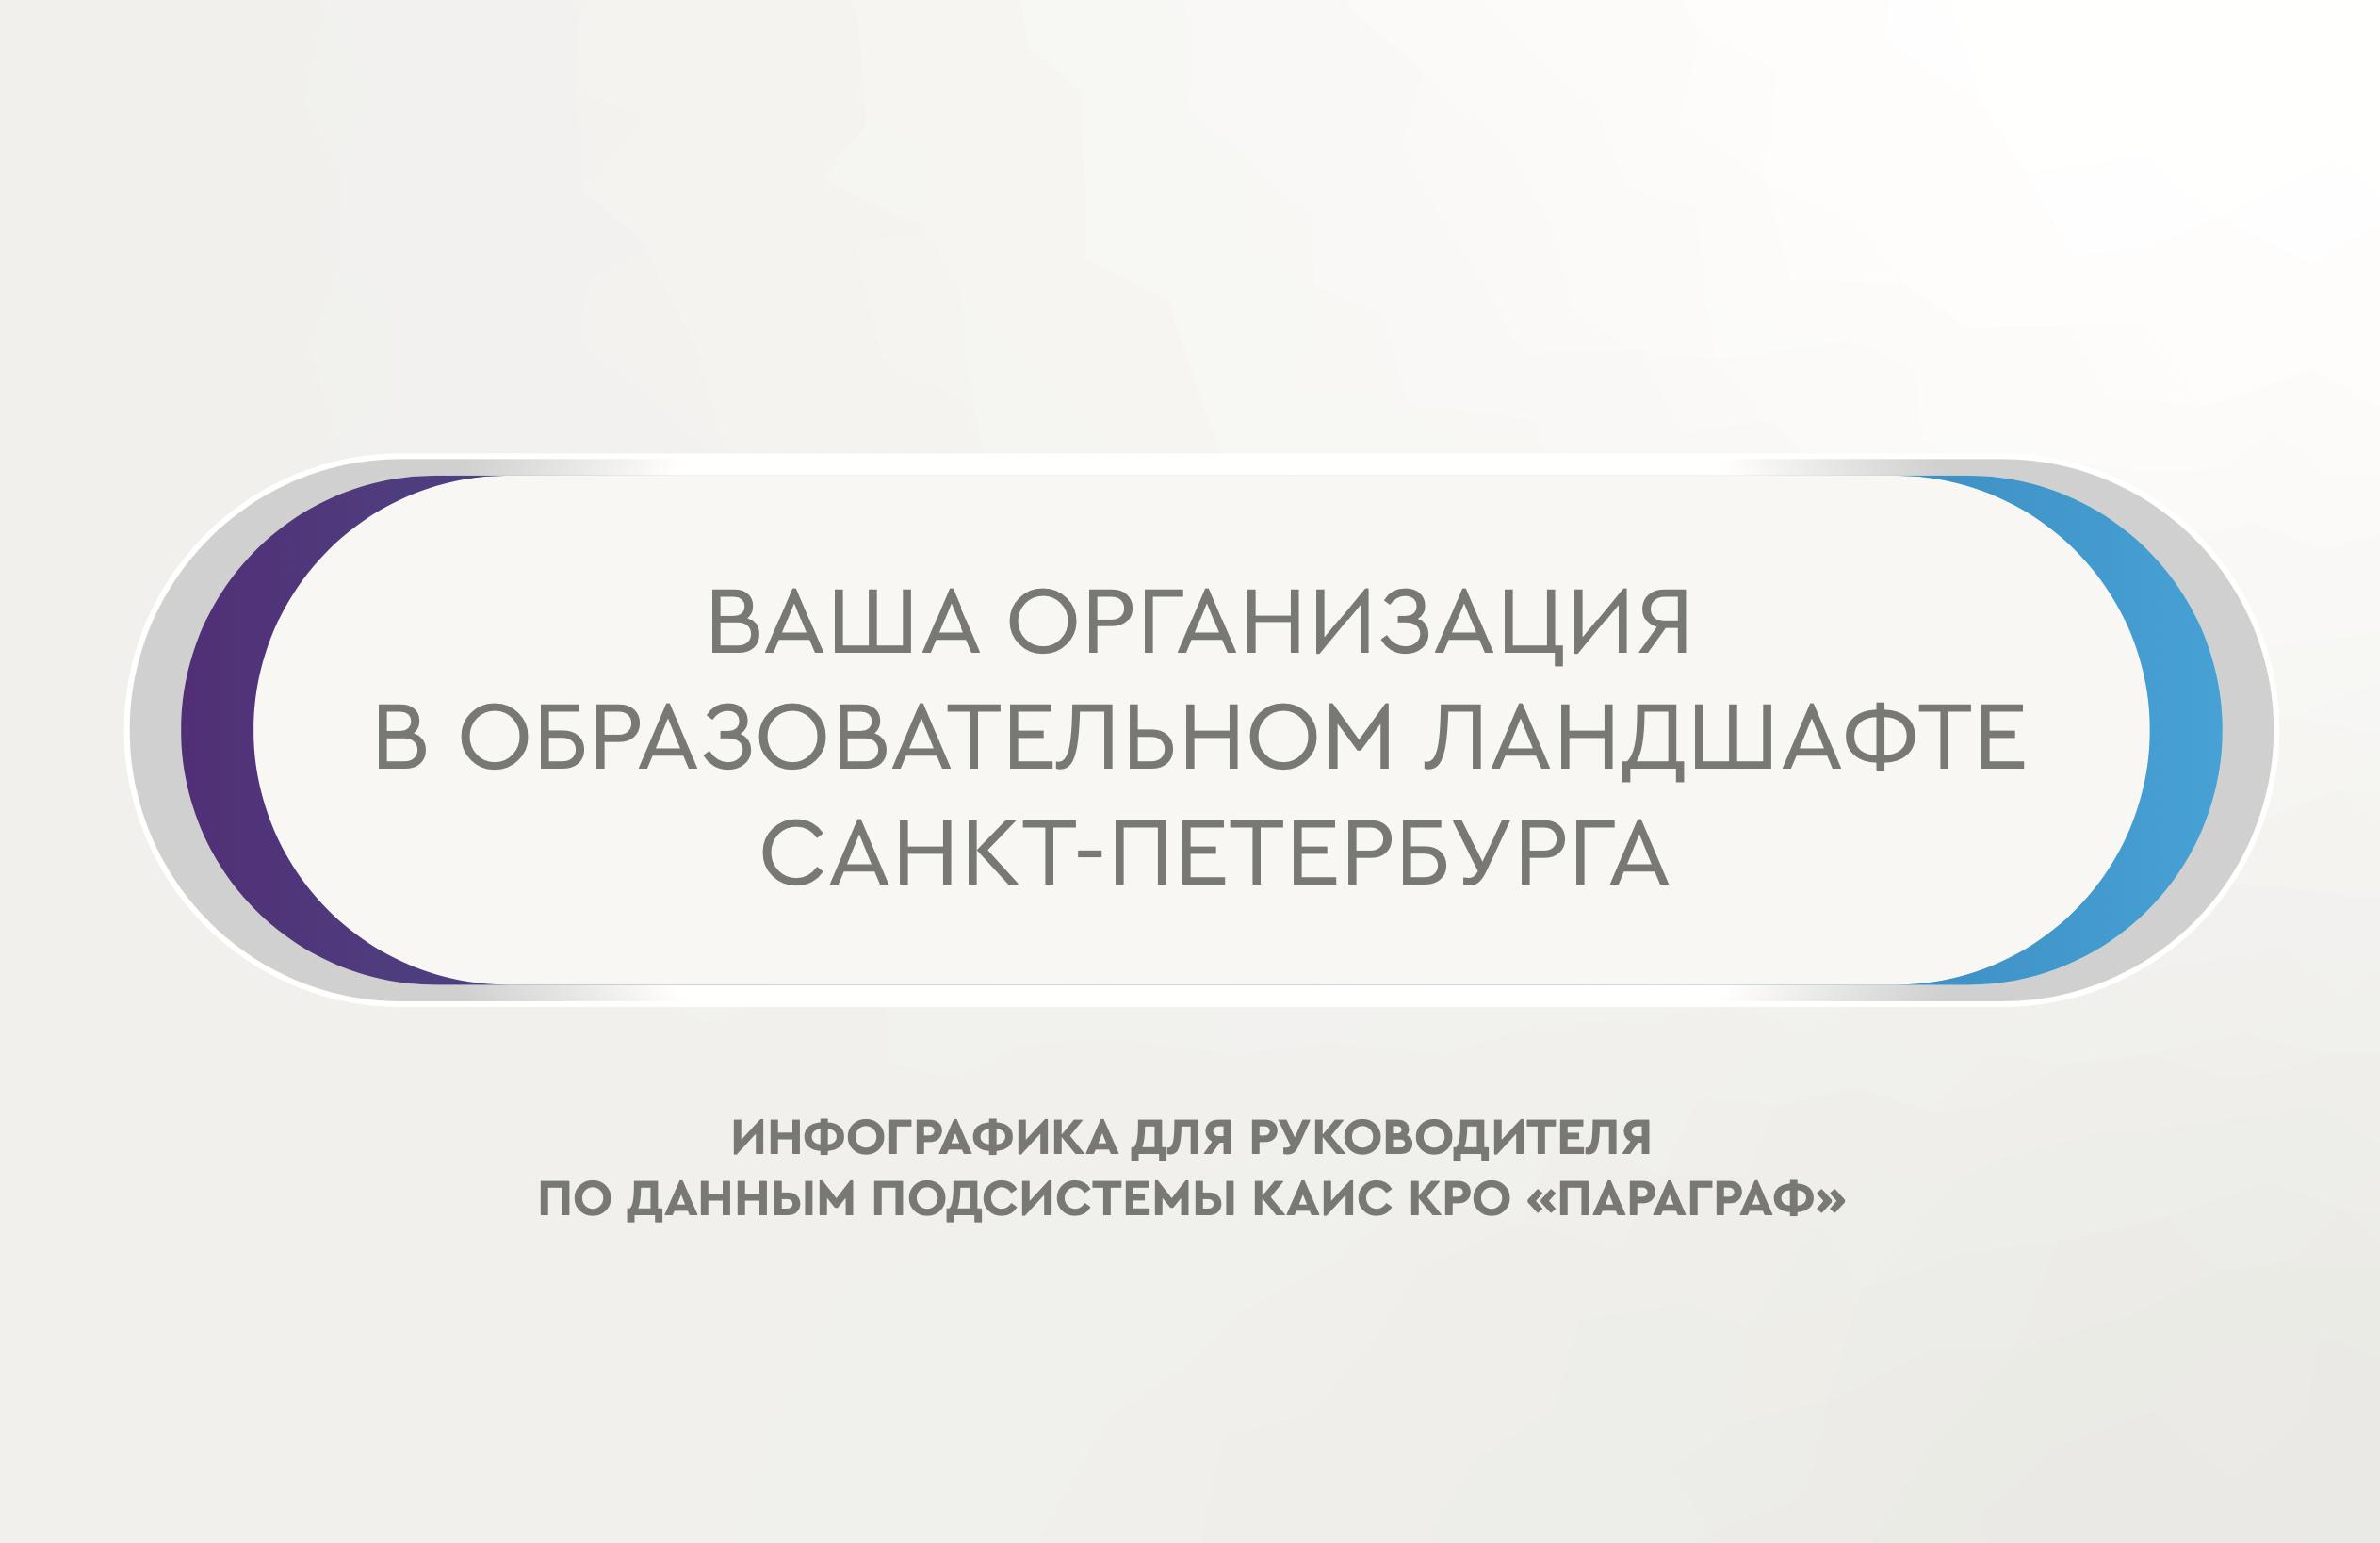 Школа 21 в образовательном ландшафте Санкт-Петербурга: результаты рейтингов 2021